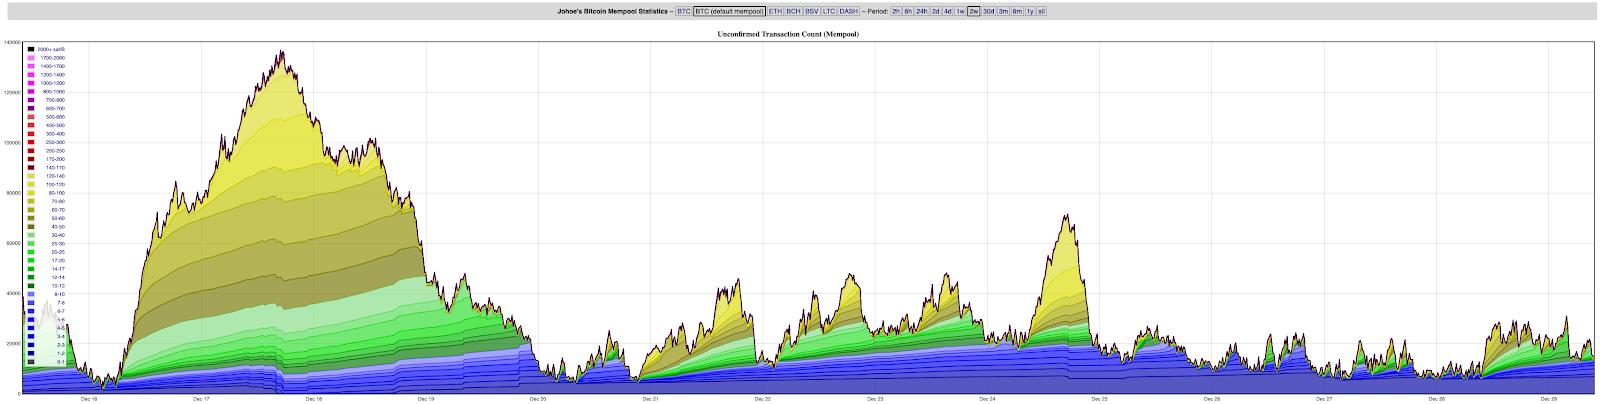 Jochen-Hoenicke's Bitcoin Mempool Visualizer